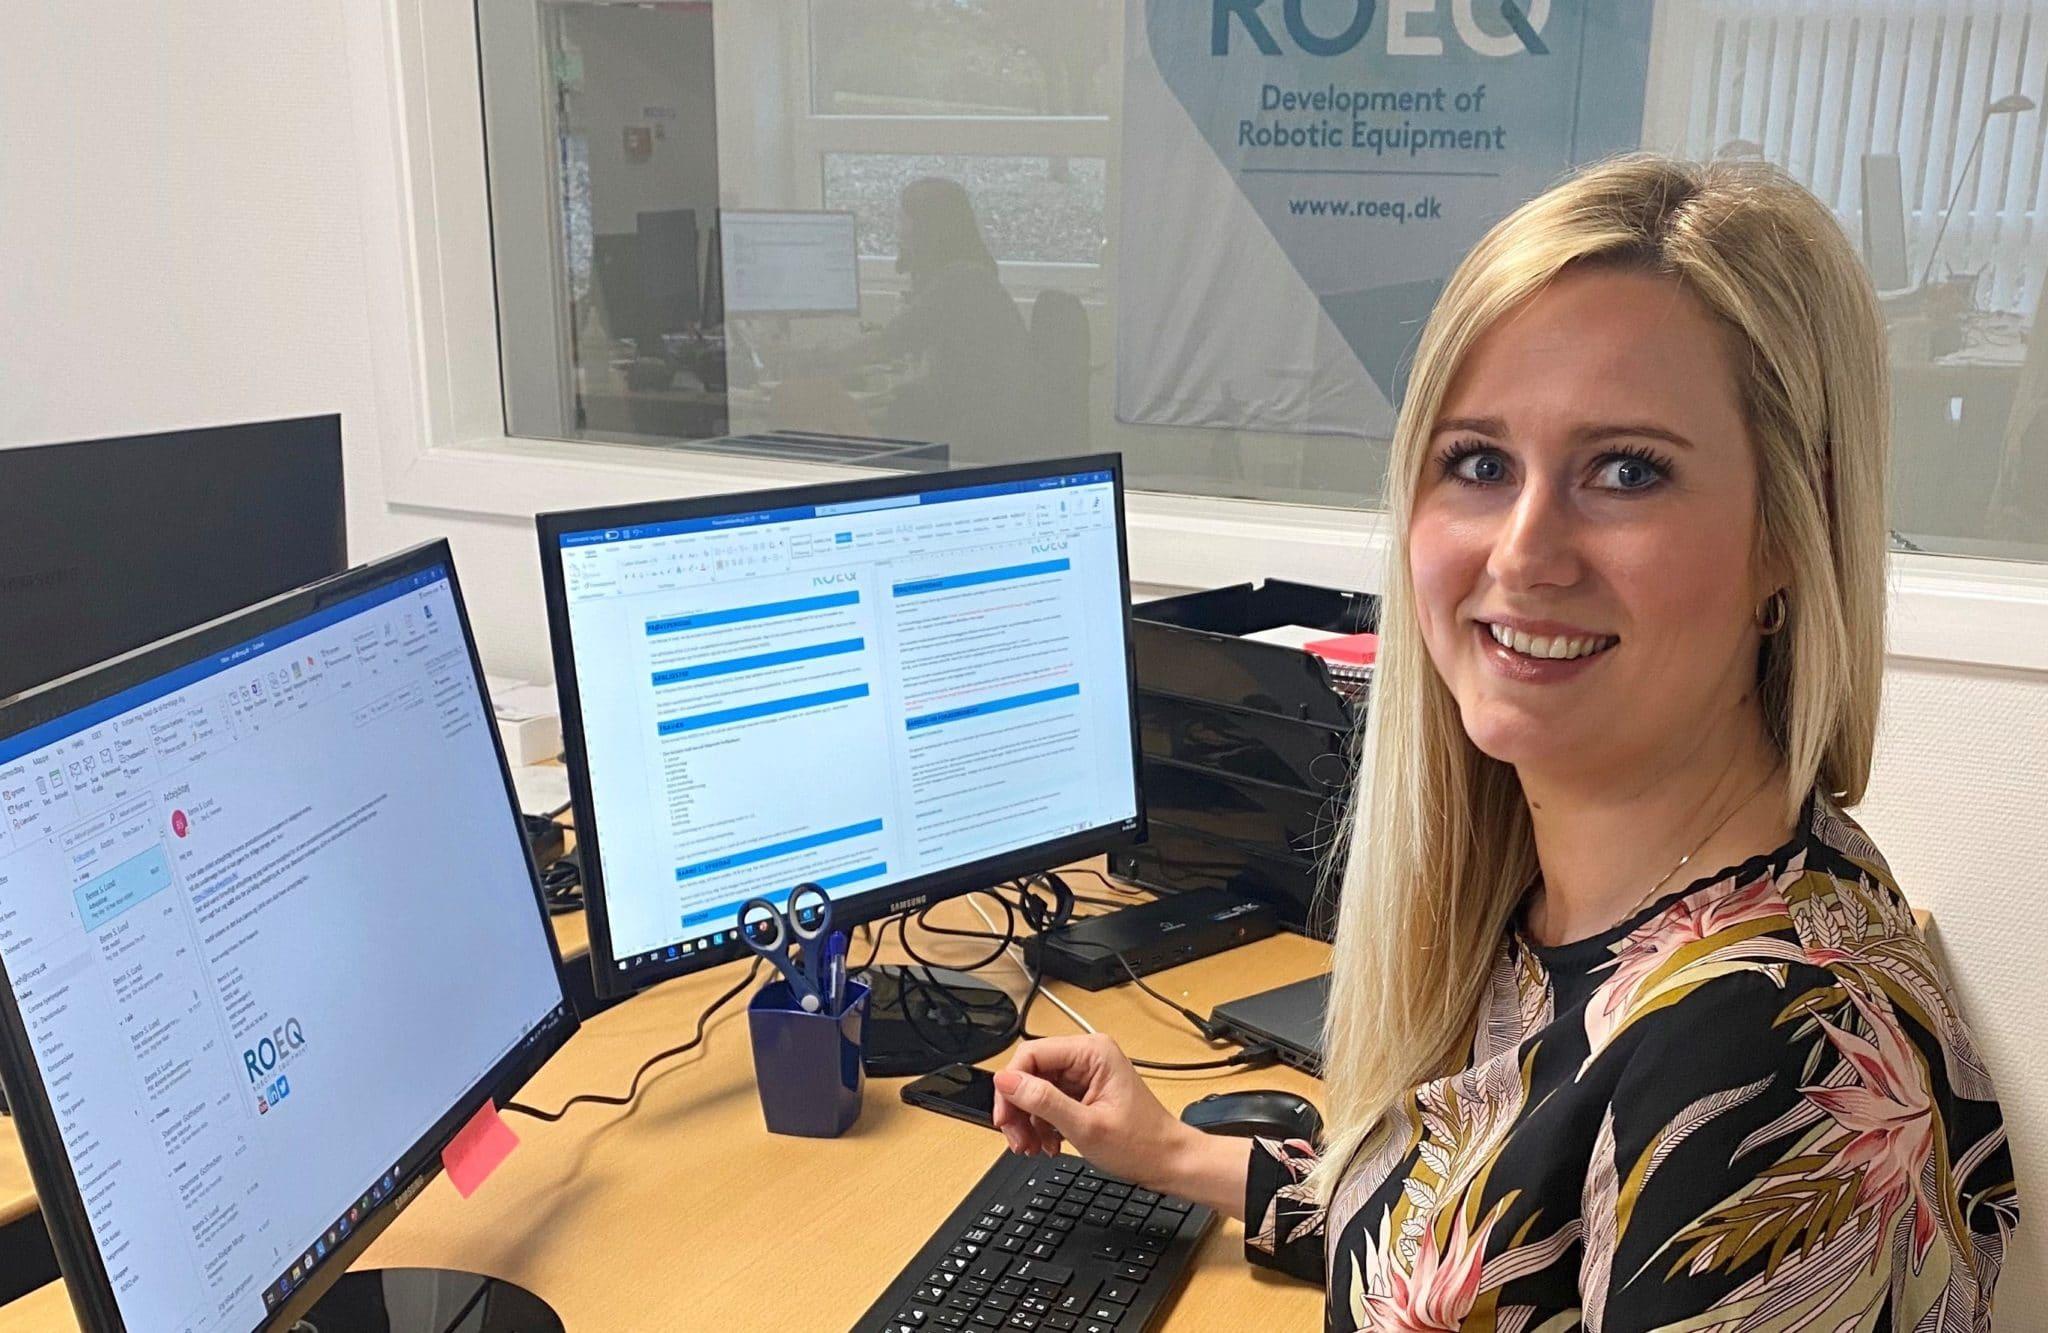 HR and Office Coordinator, Joy Eilsø Hansen